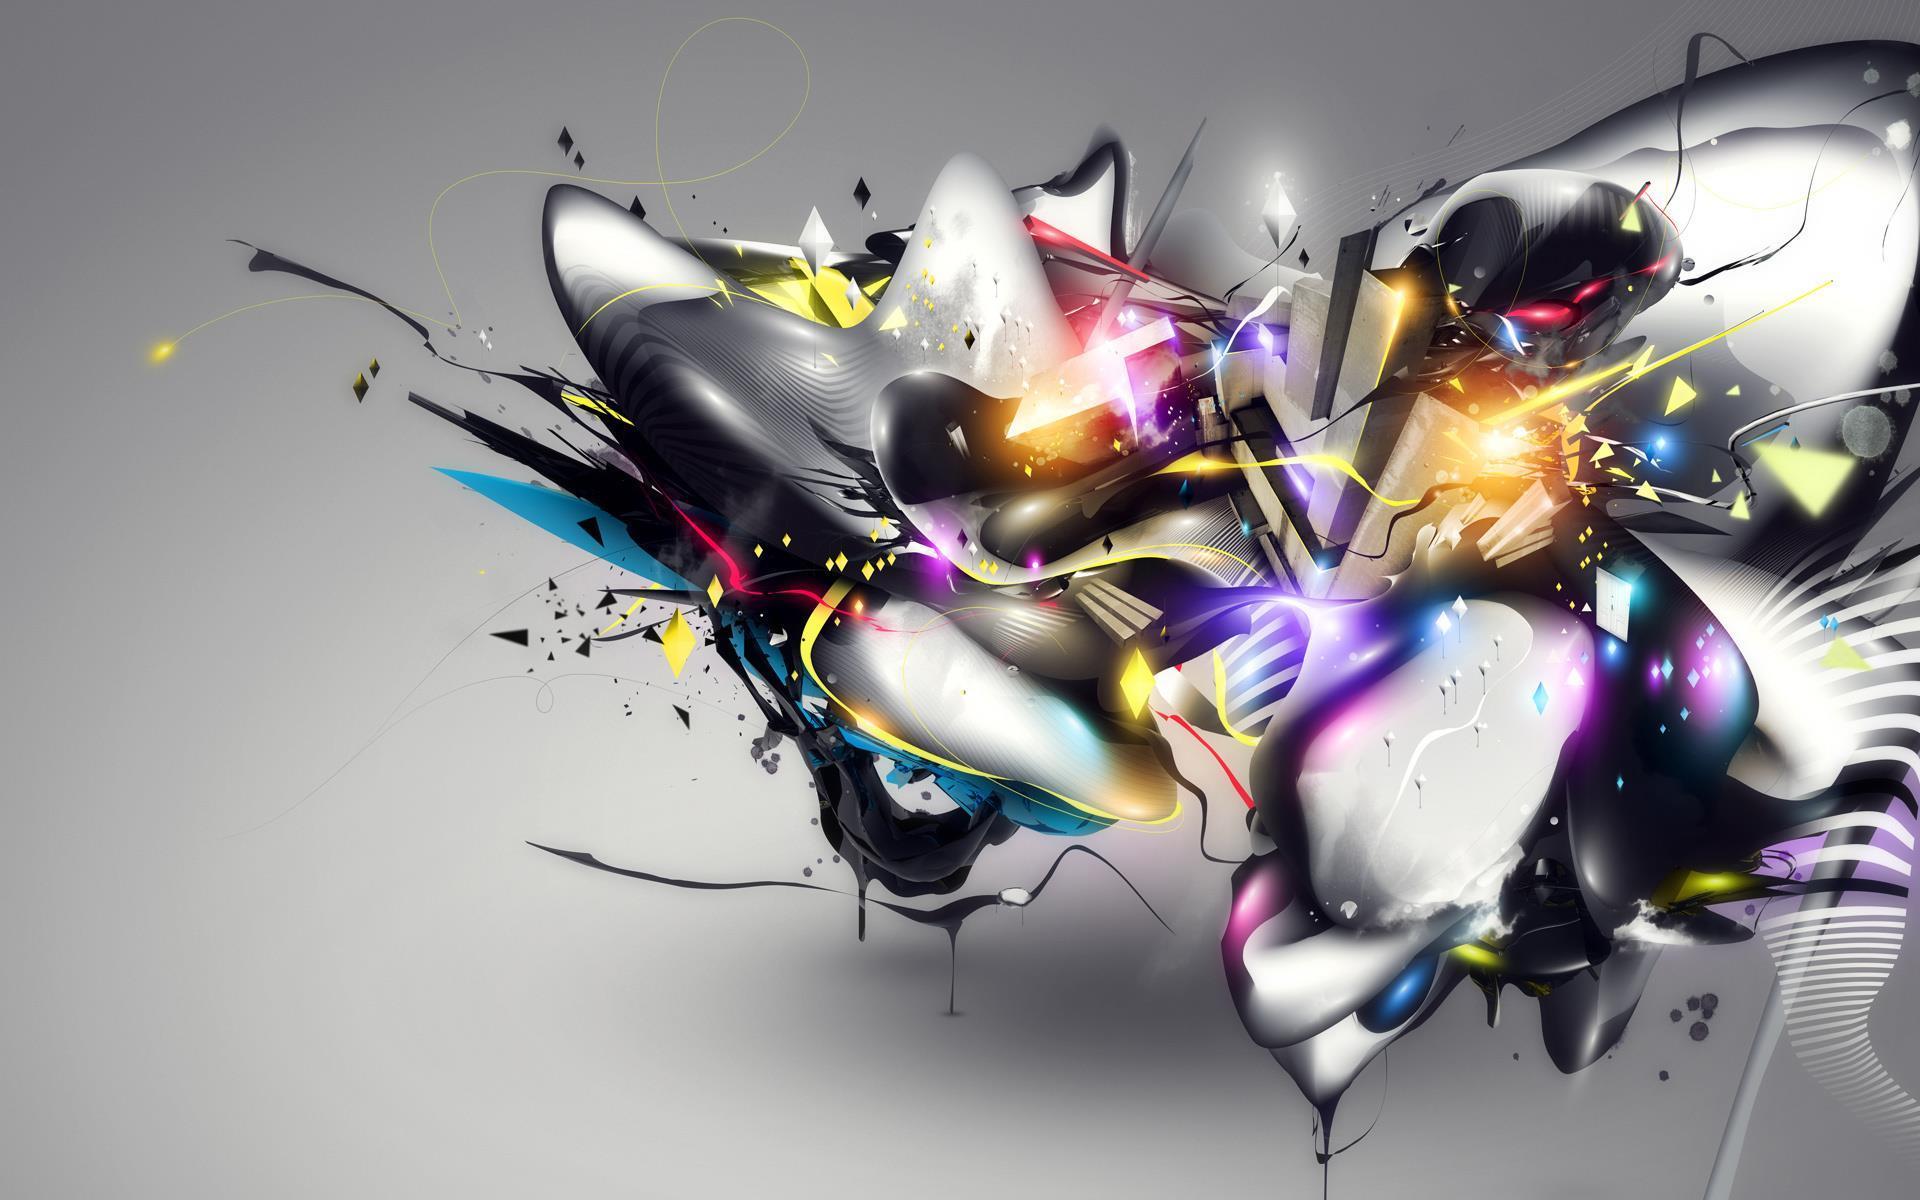 abstrait_art-graphique-et-creations_14